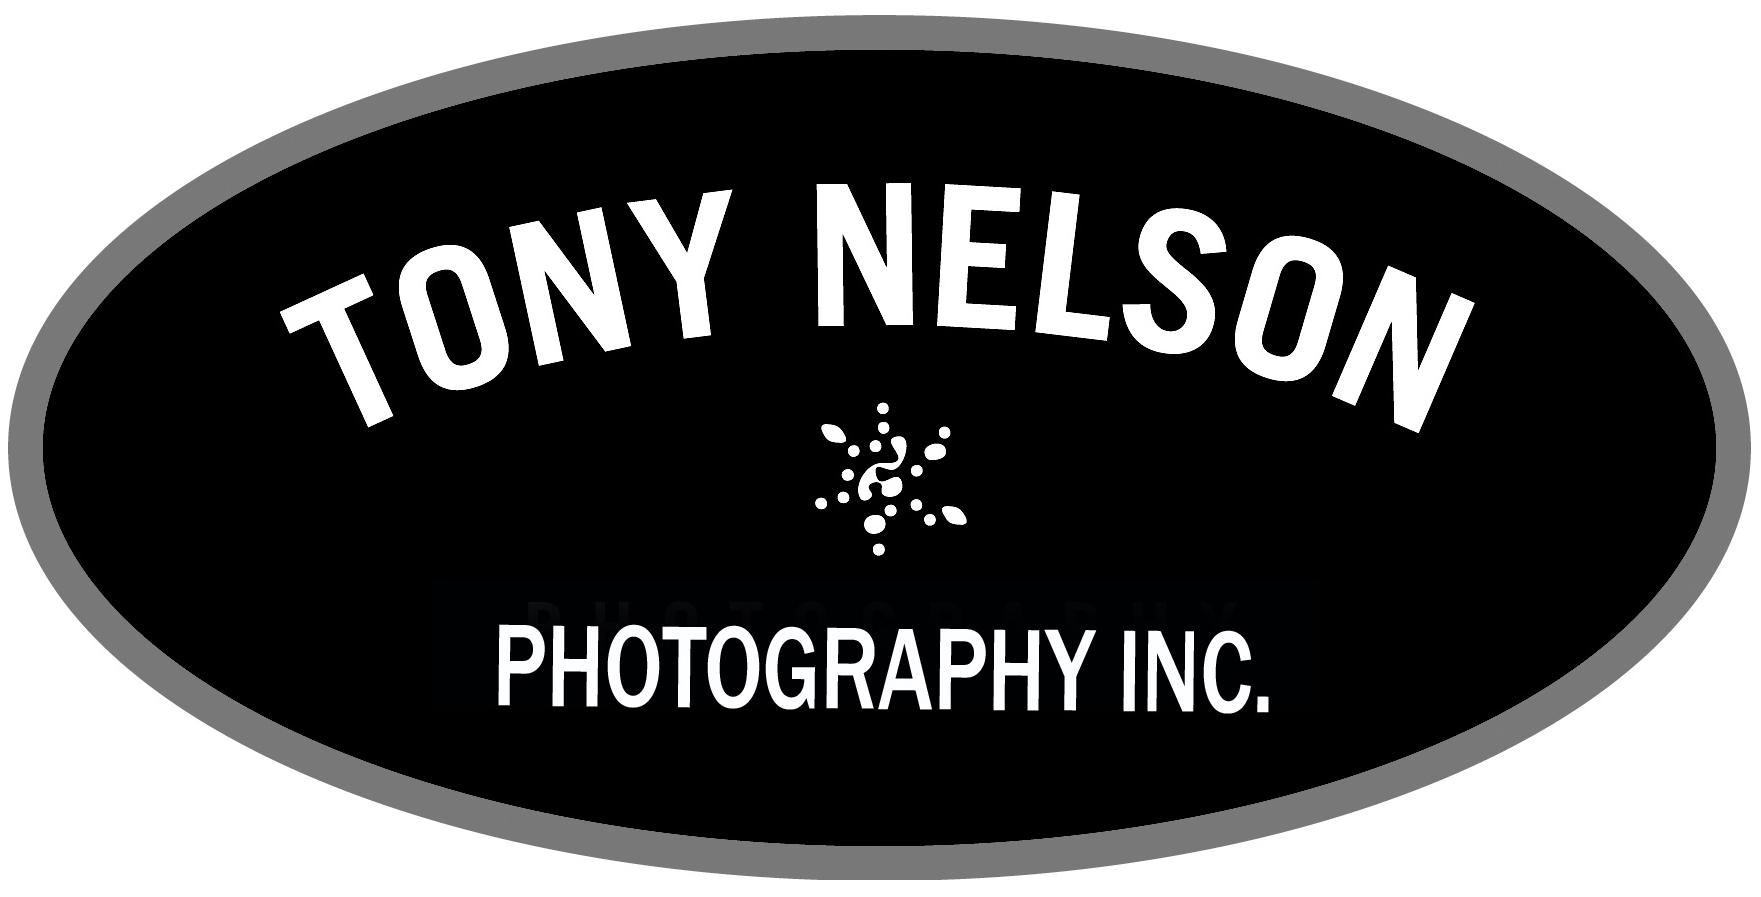 Tony Nelson Photography